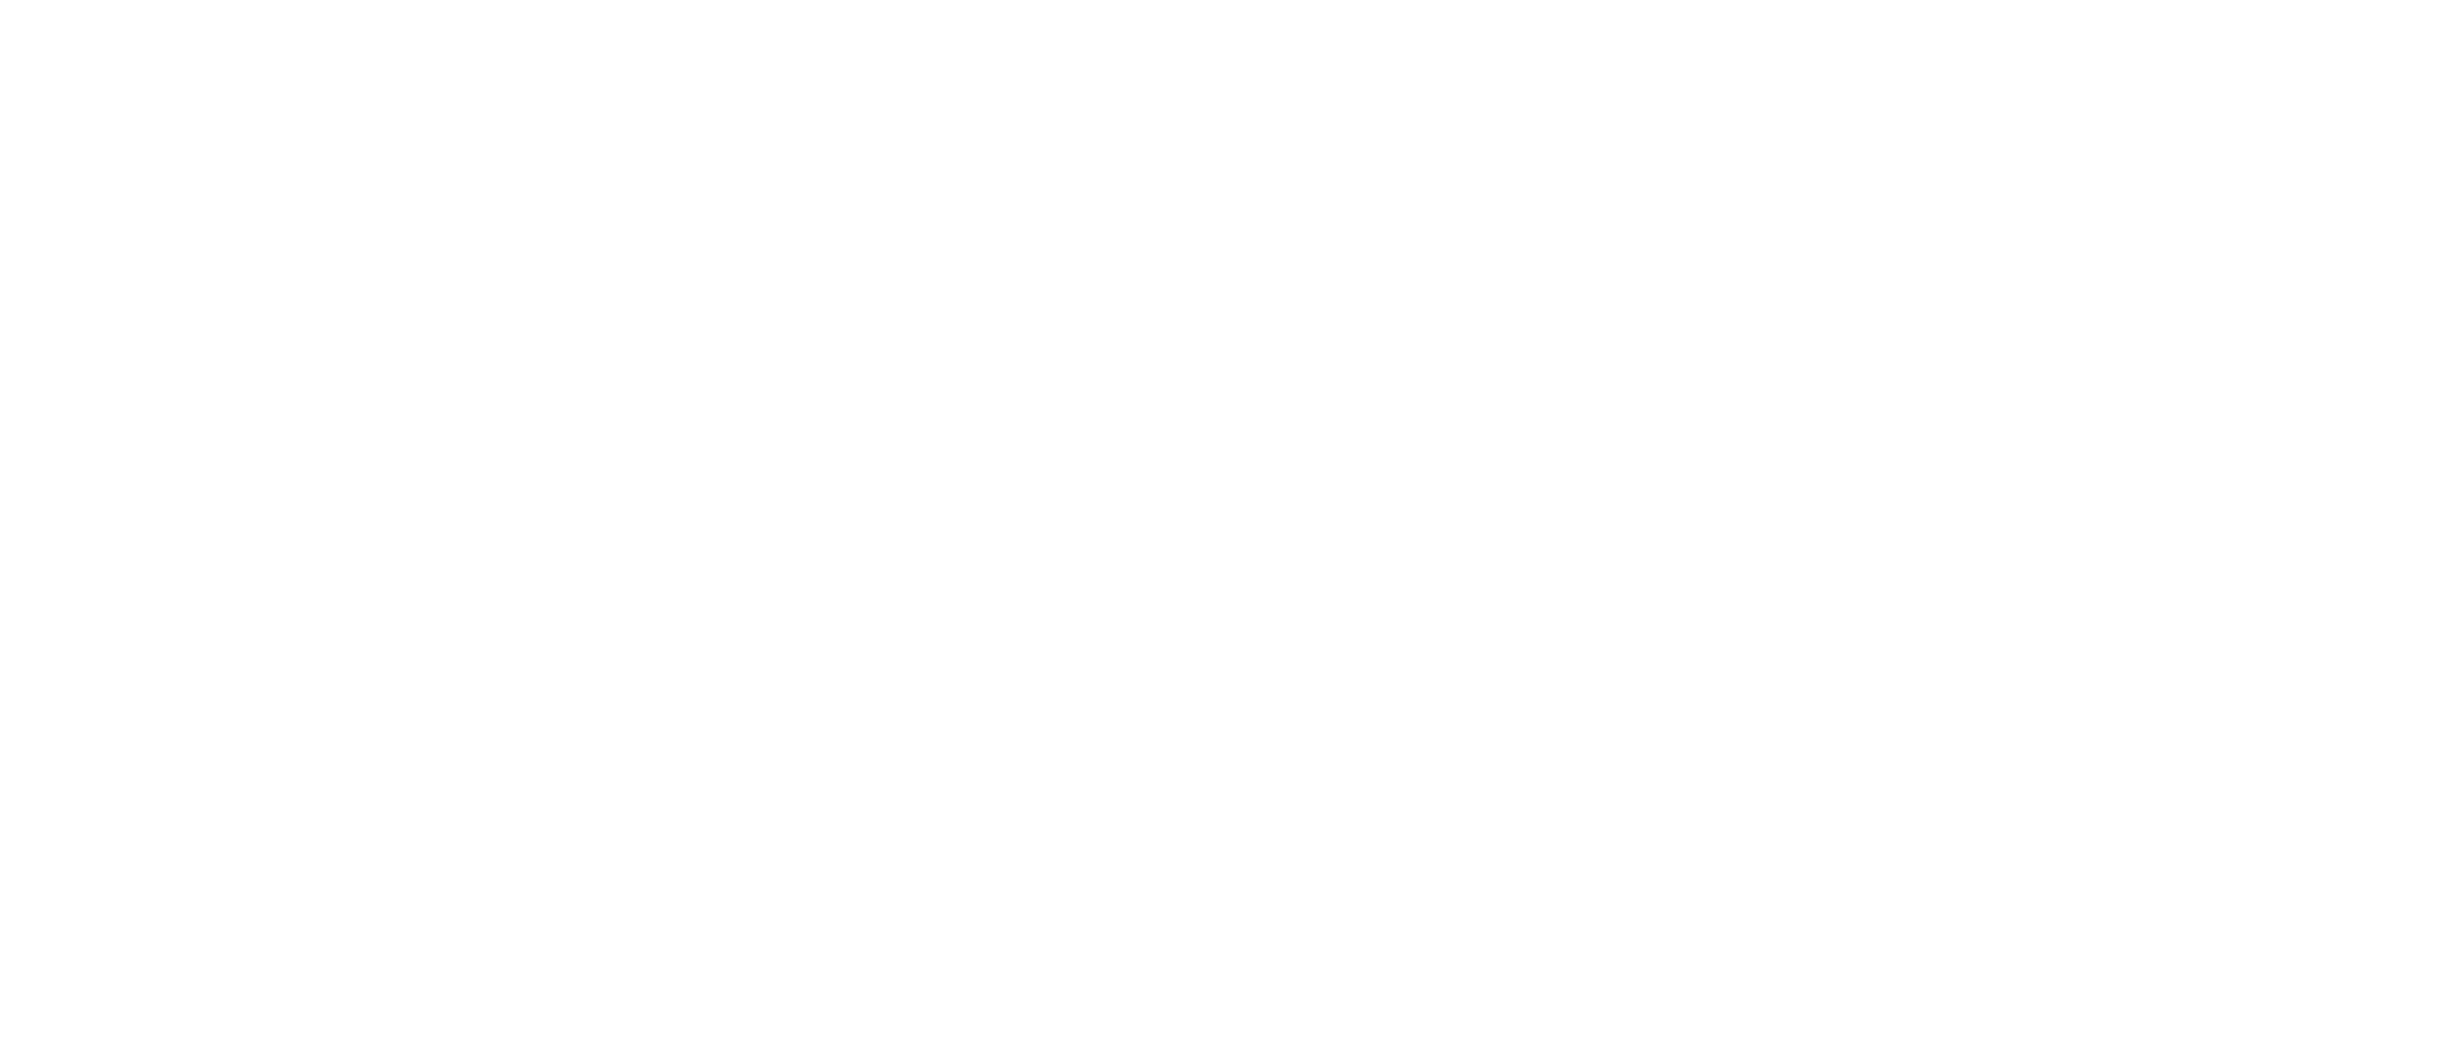 nrbn logo